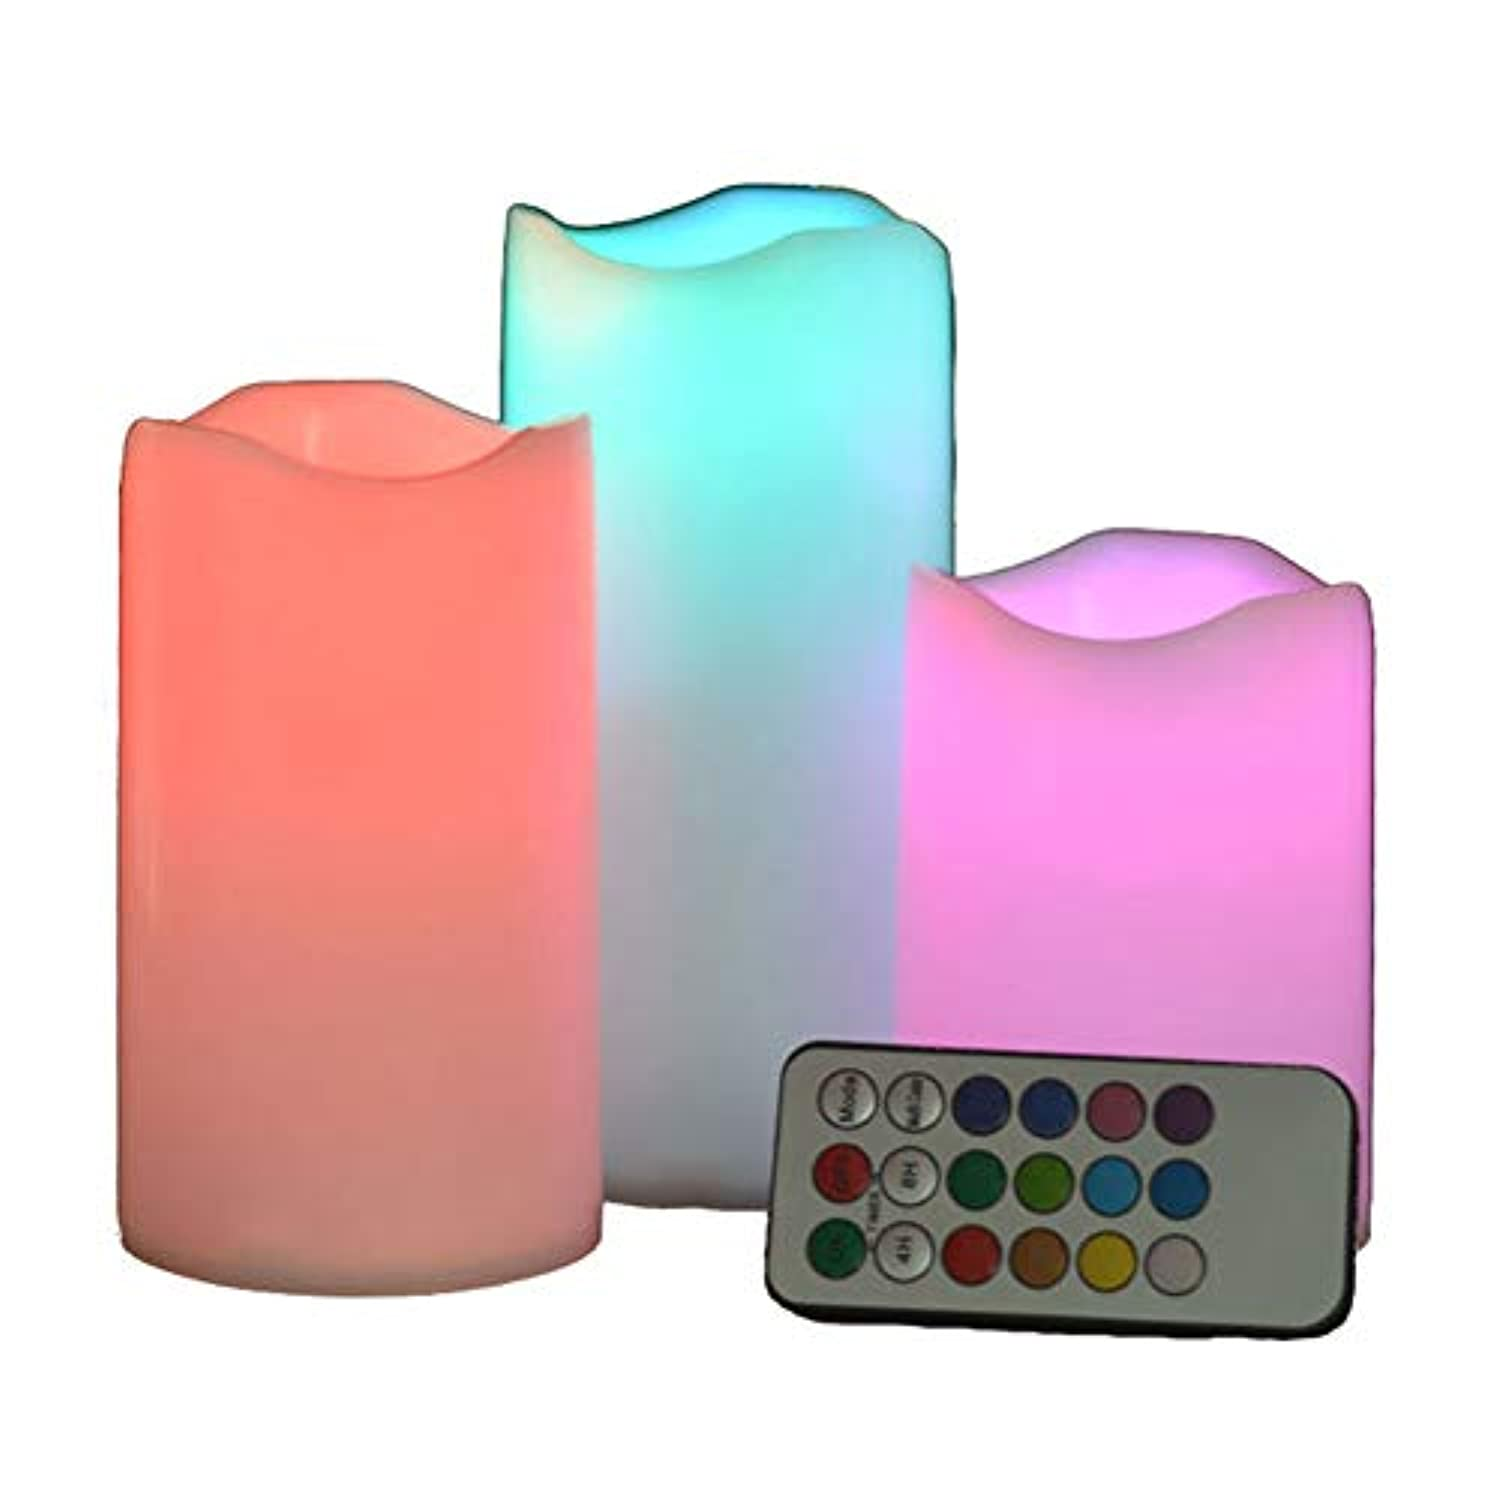 練習した解く硬化するLEDリモートコントロール電子キャンドルクリエイティブ18キータイミングカラフルなプラスチッククリスマスライトキャンドルライト(バッテリーなし)